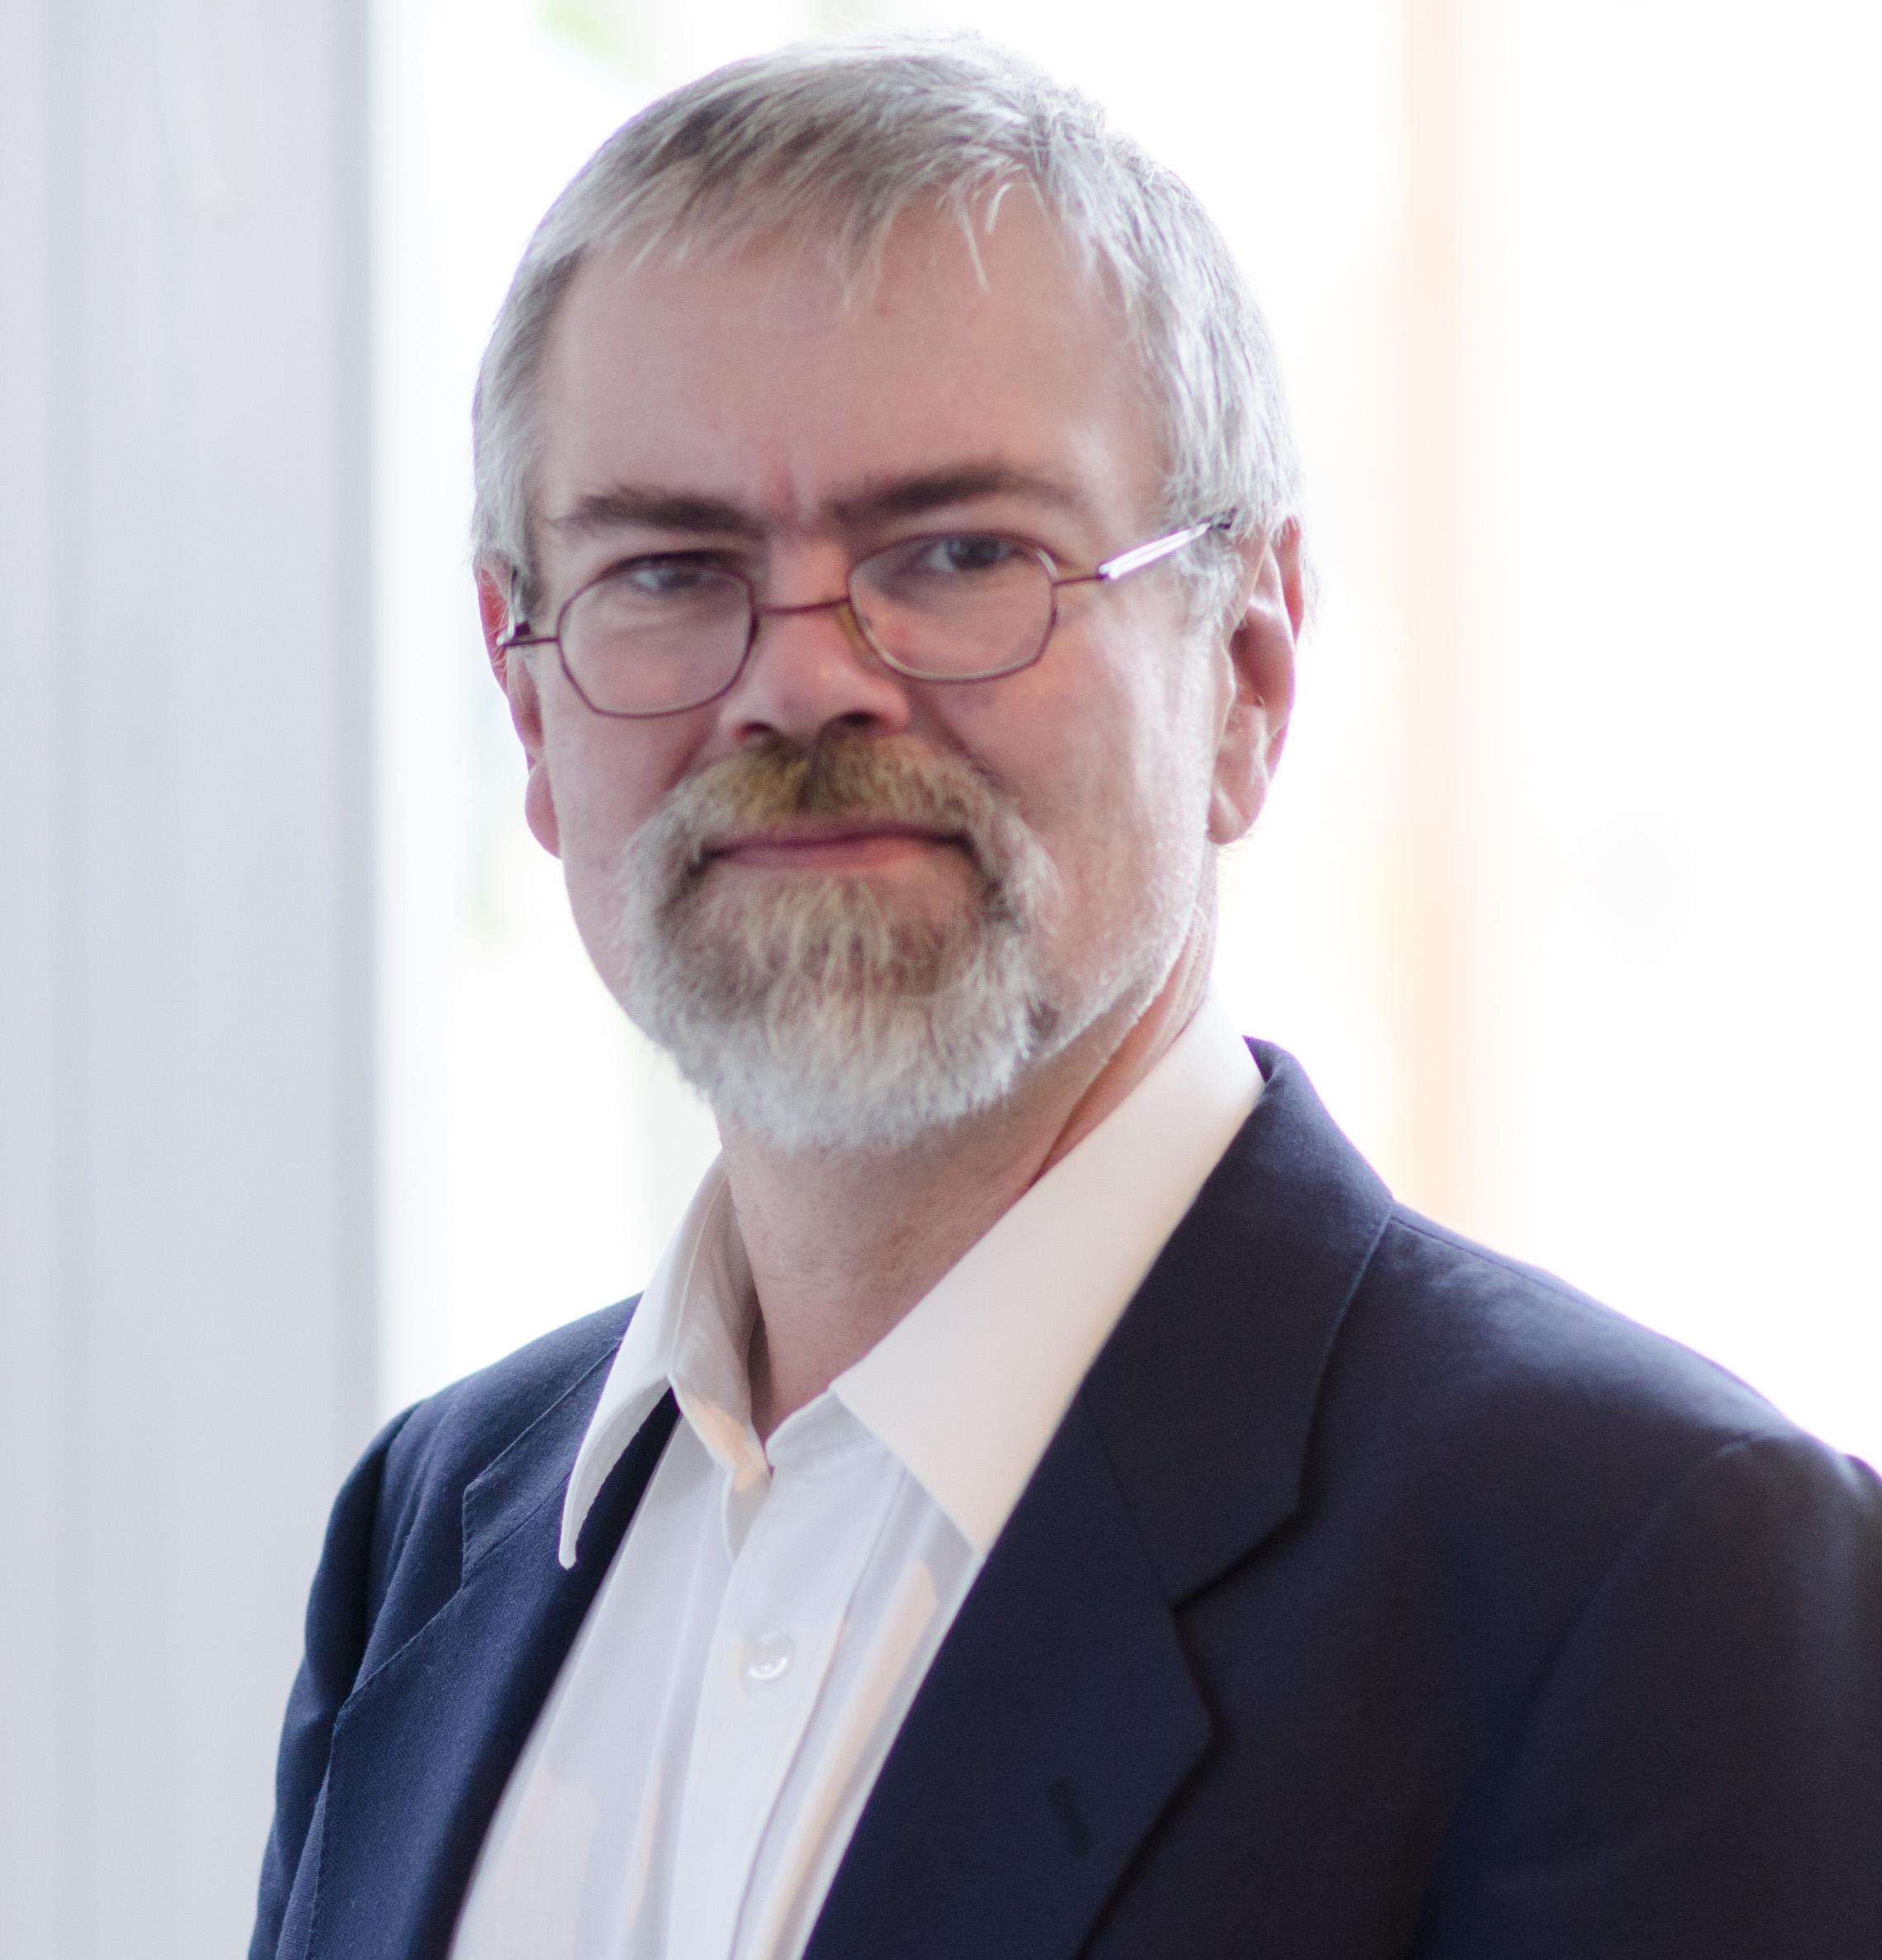 Dr. Andreas Lorenczuk